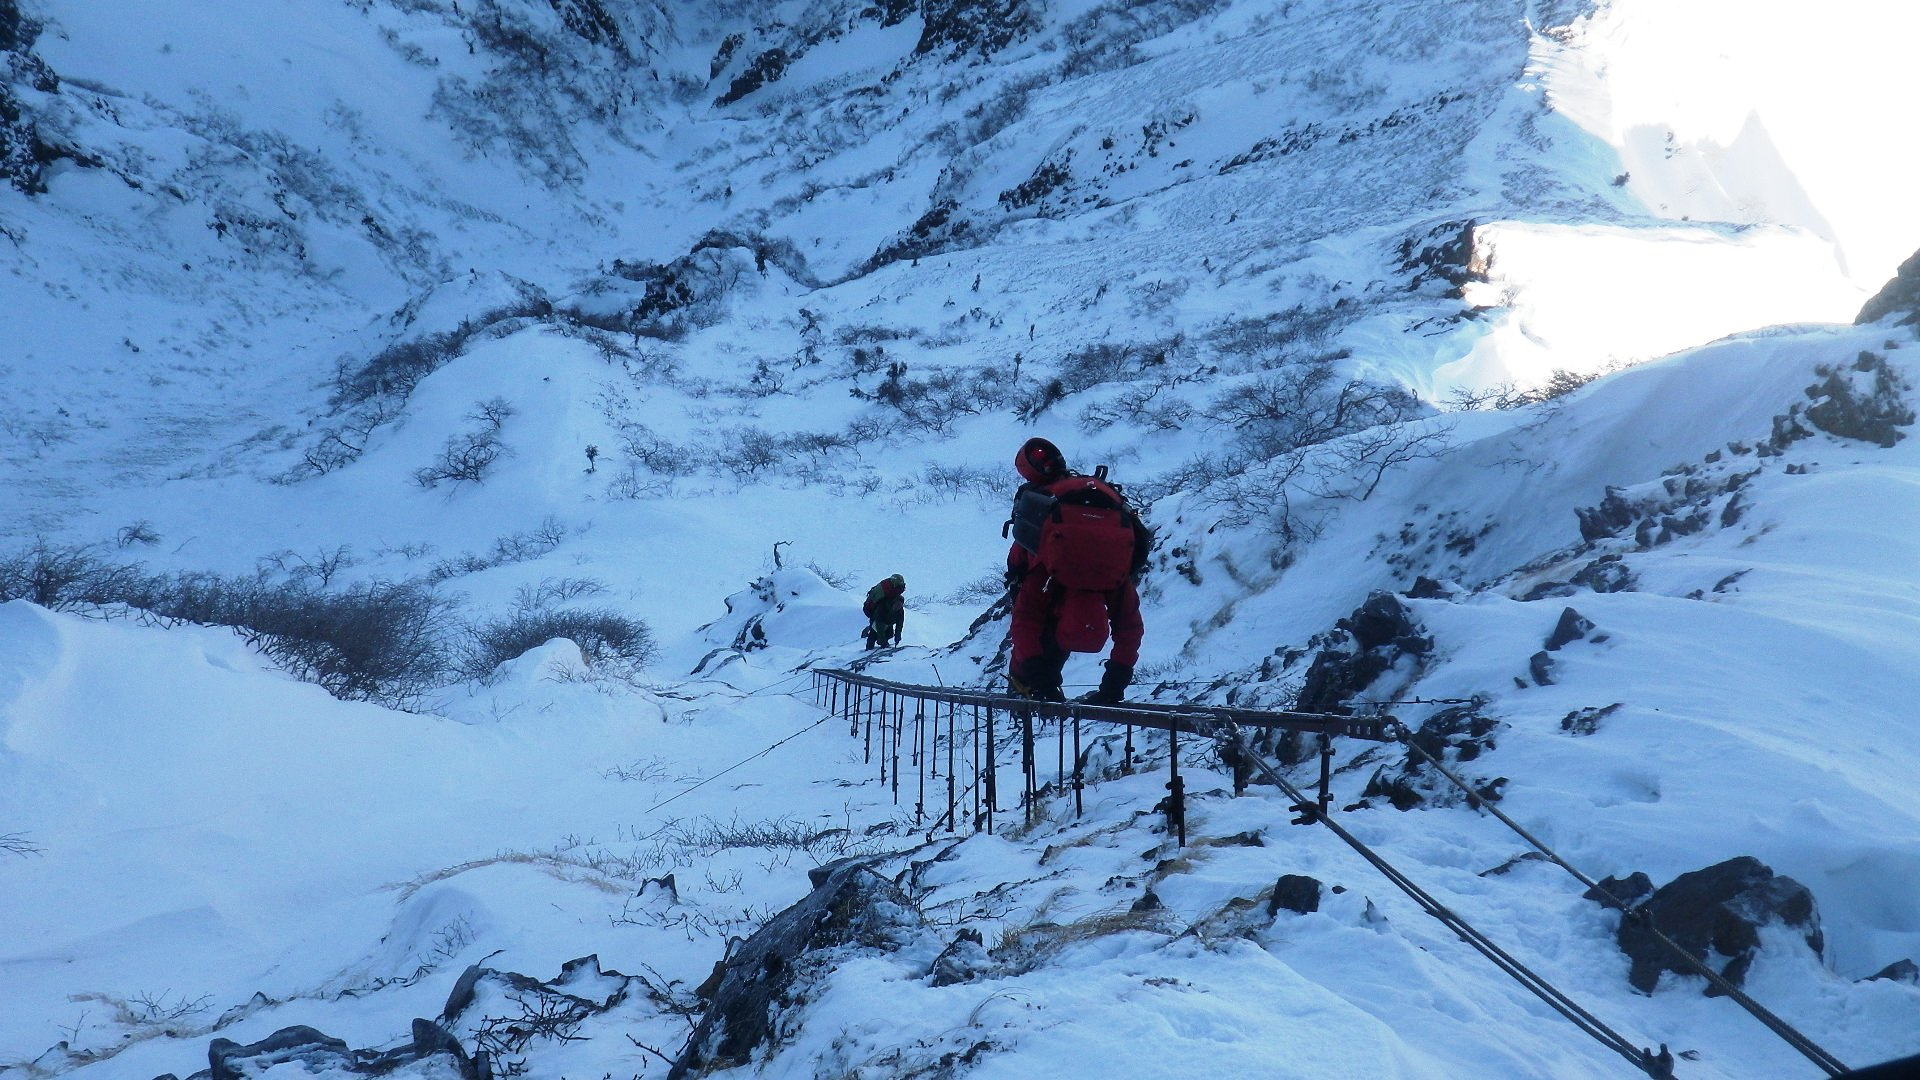 冬の八ヶ岳にSACが集う【八ヶ岳キレット縦走】_d0237801_0551919.jpg